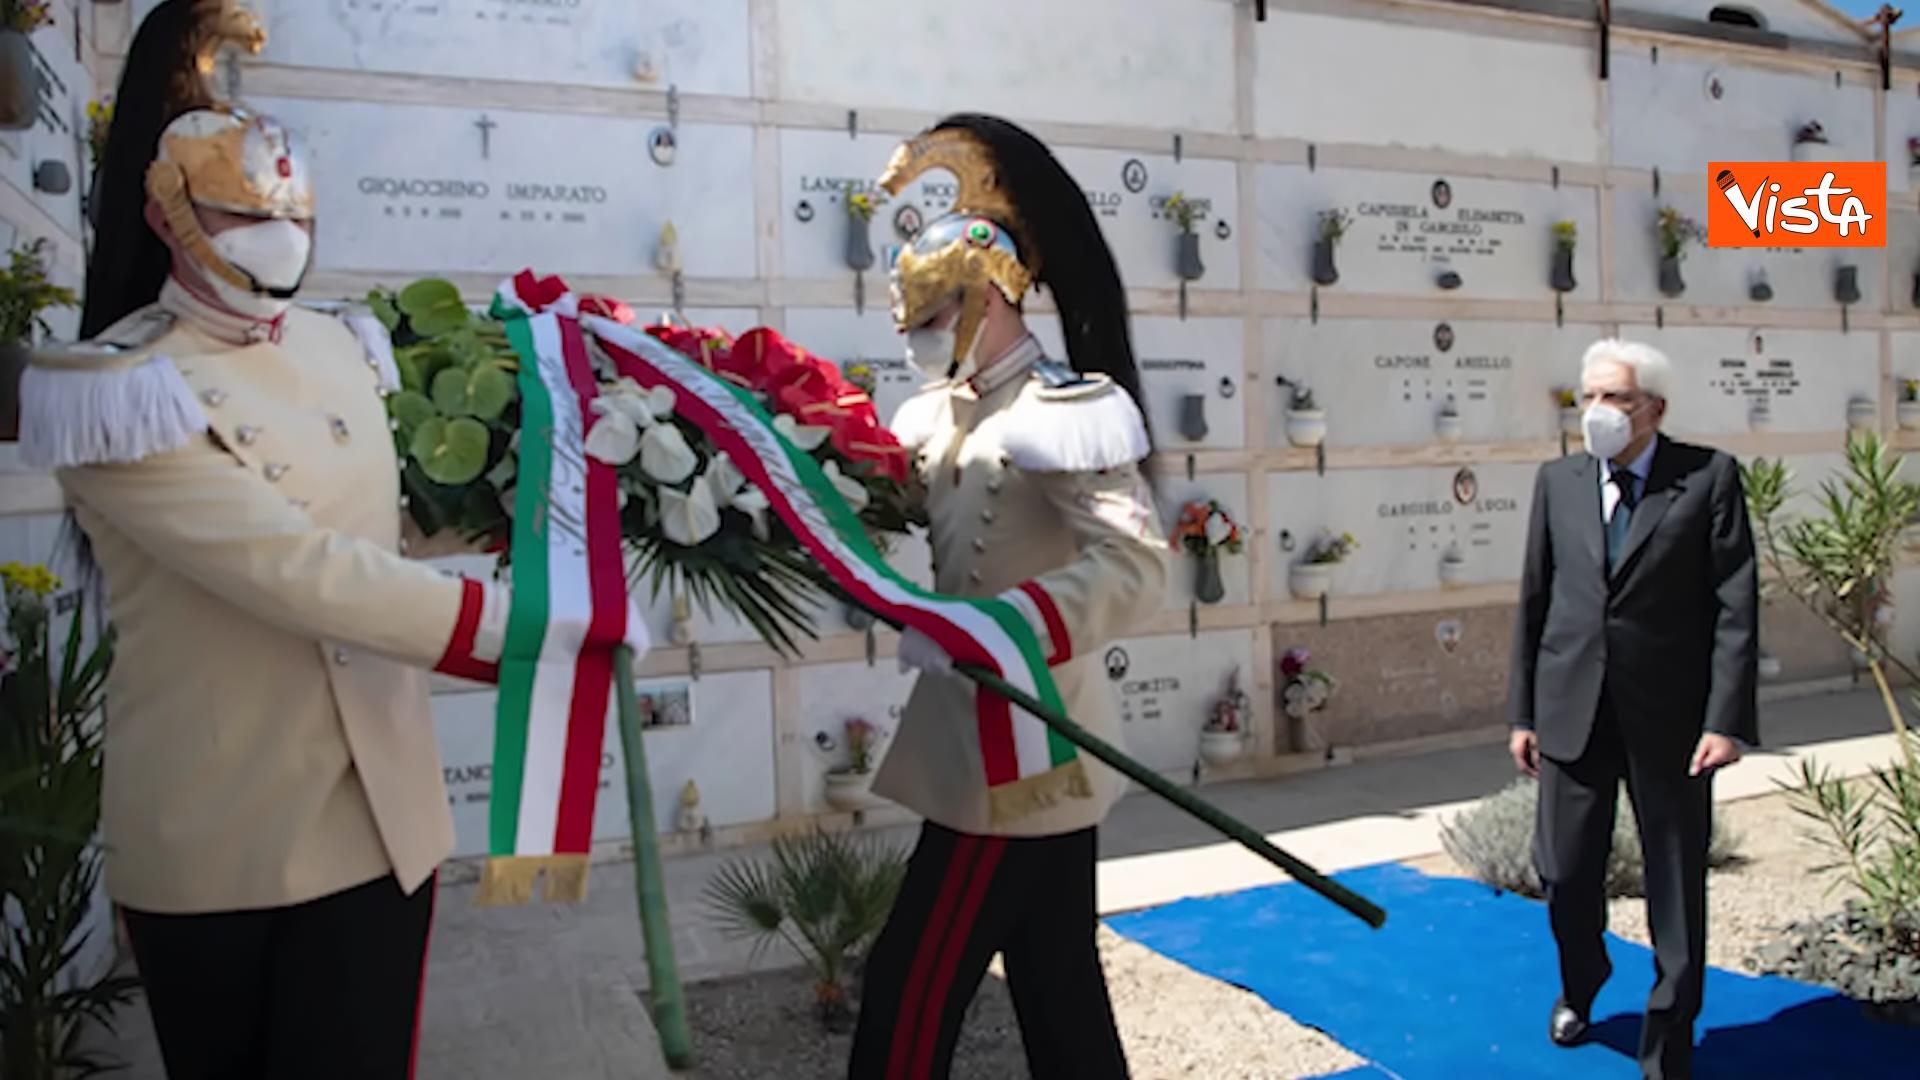 29-08-21 Il Presidente Mattarella a Ventiotene 01_0016294625977279086001